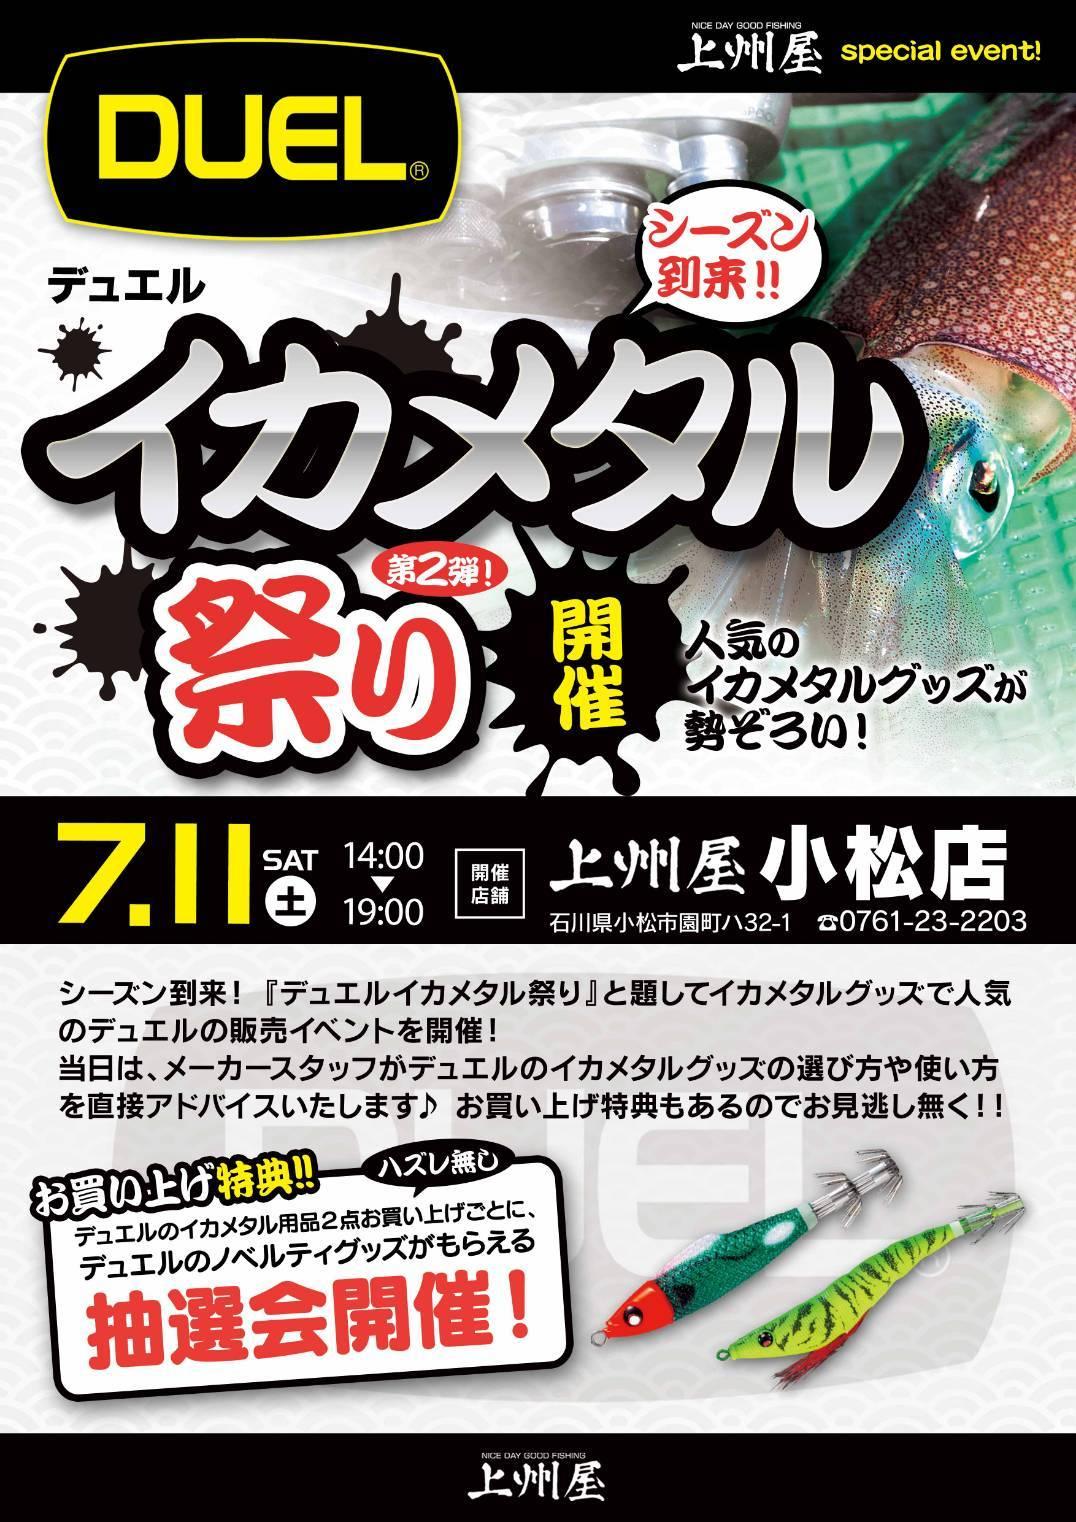 上州屋 小松店様 デュエルイカメタル祭り 開催!